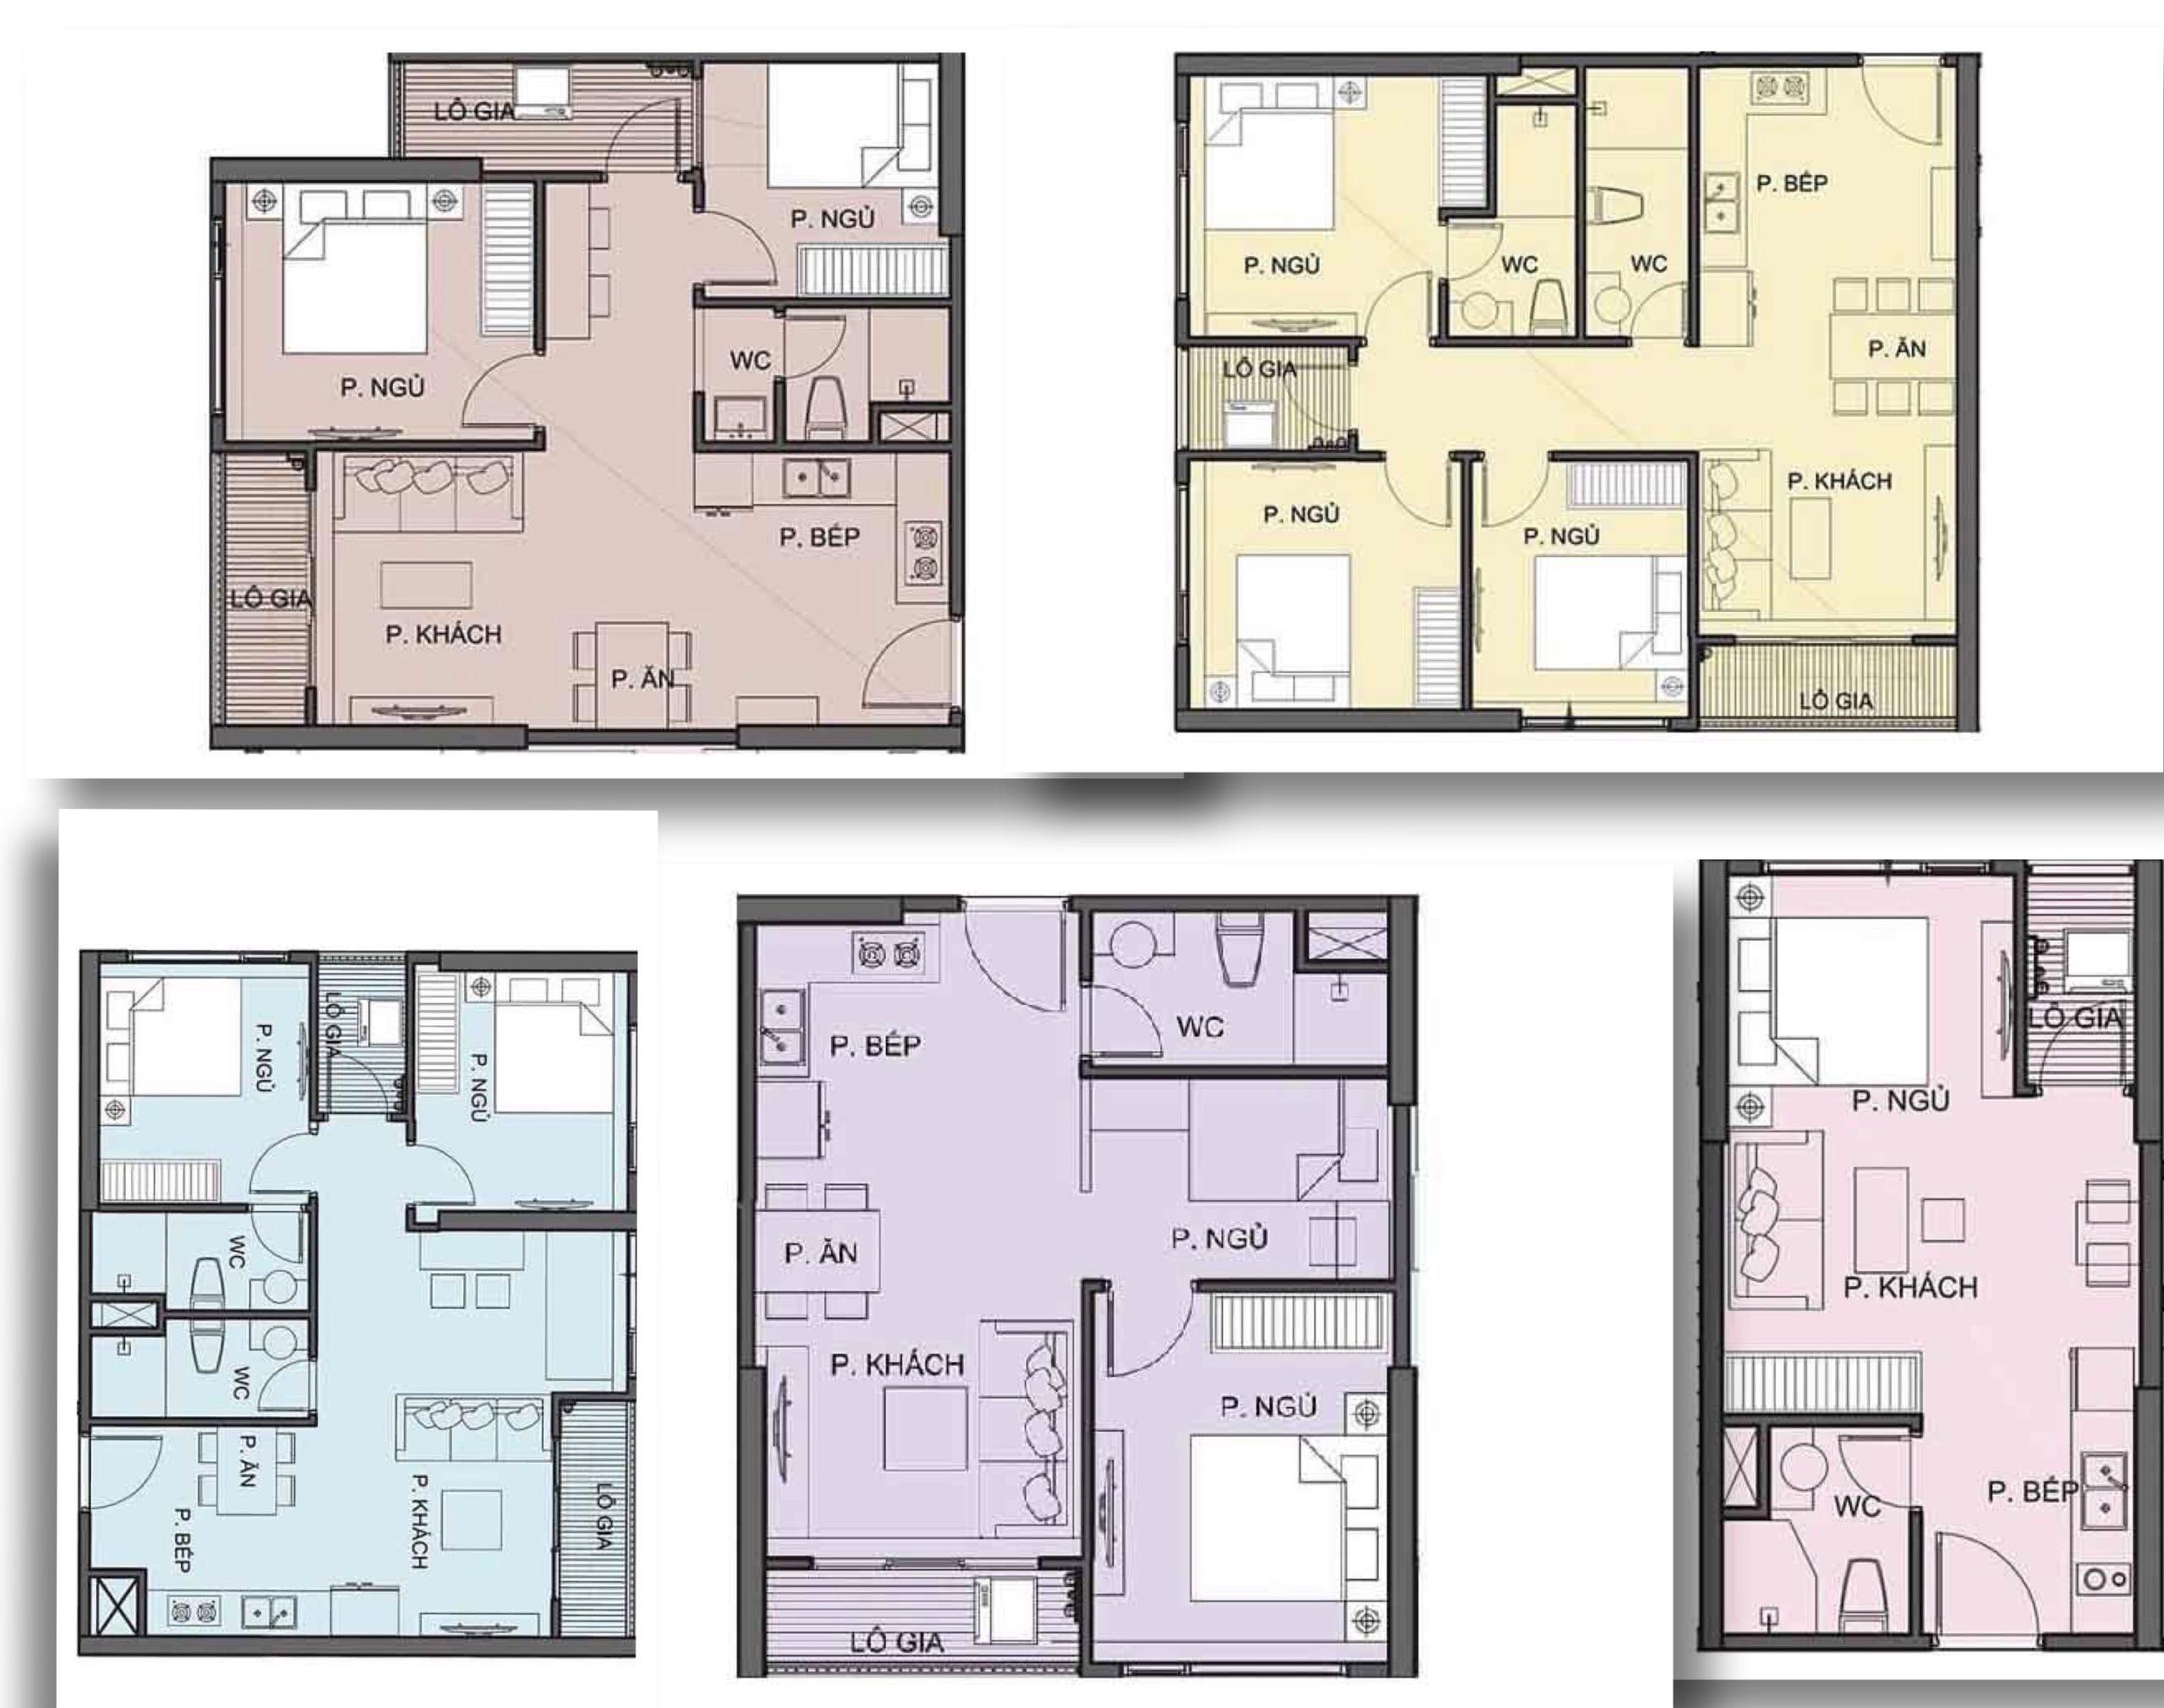 giá cho thuê căn hộ S6.06 Vinhomes Grand Park 2